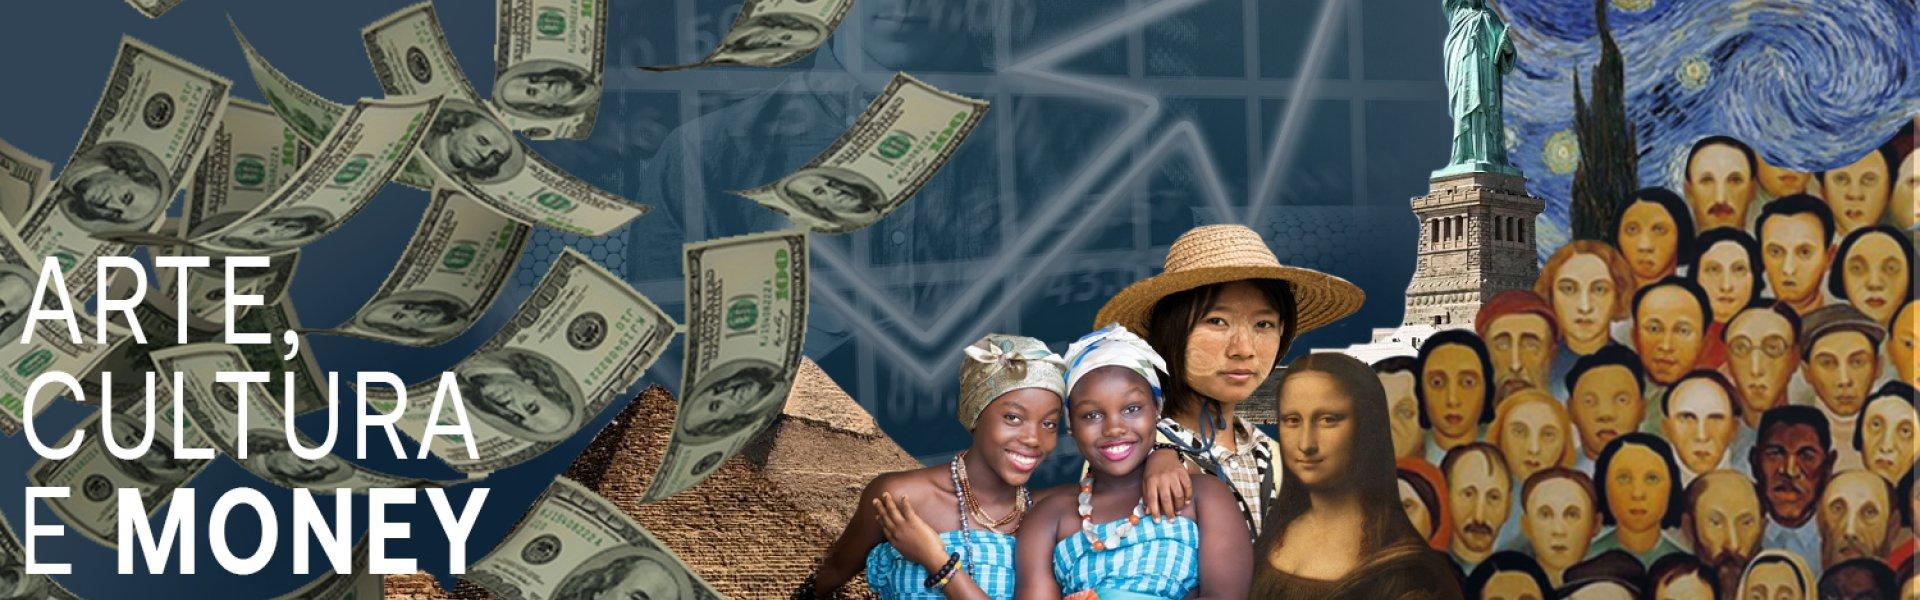 Arte, Cultura & Money